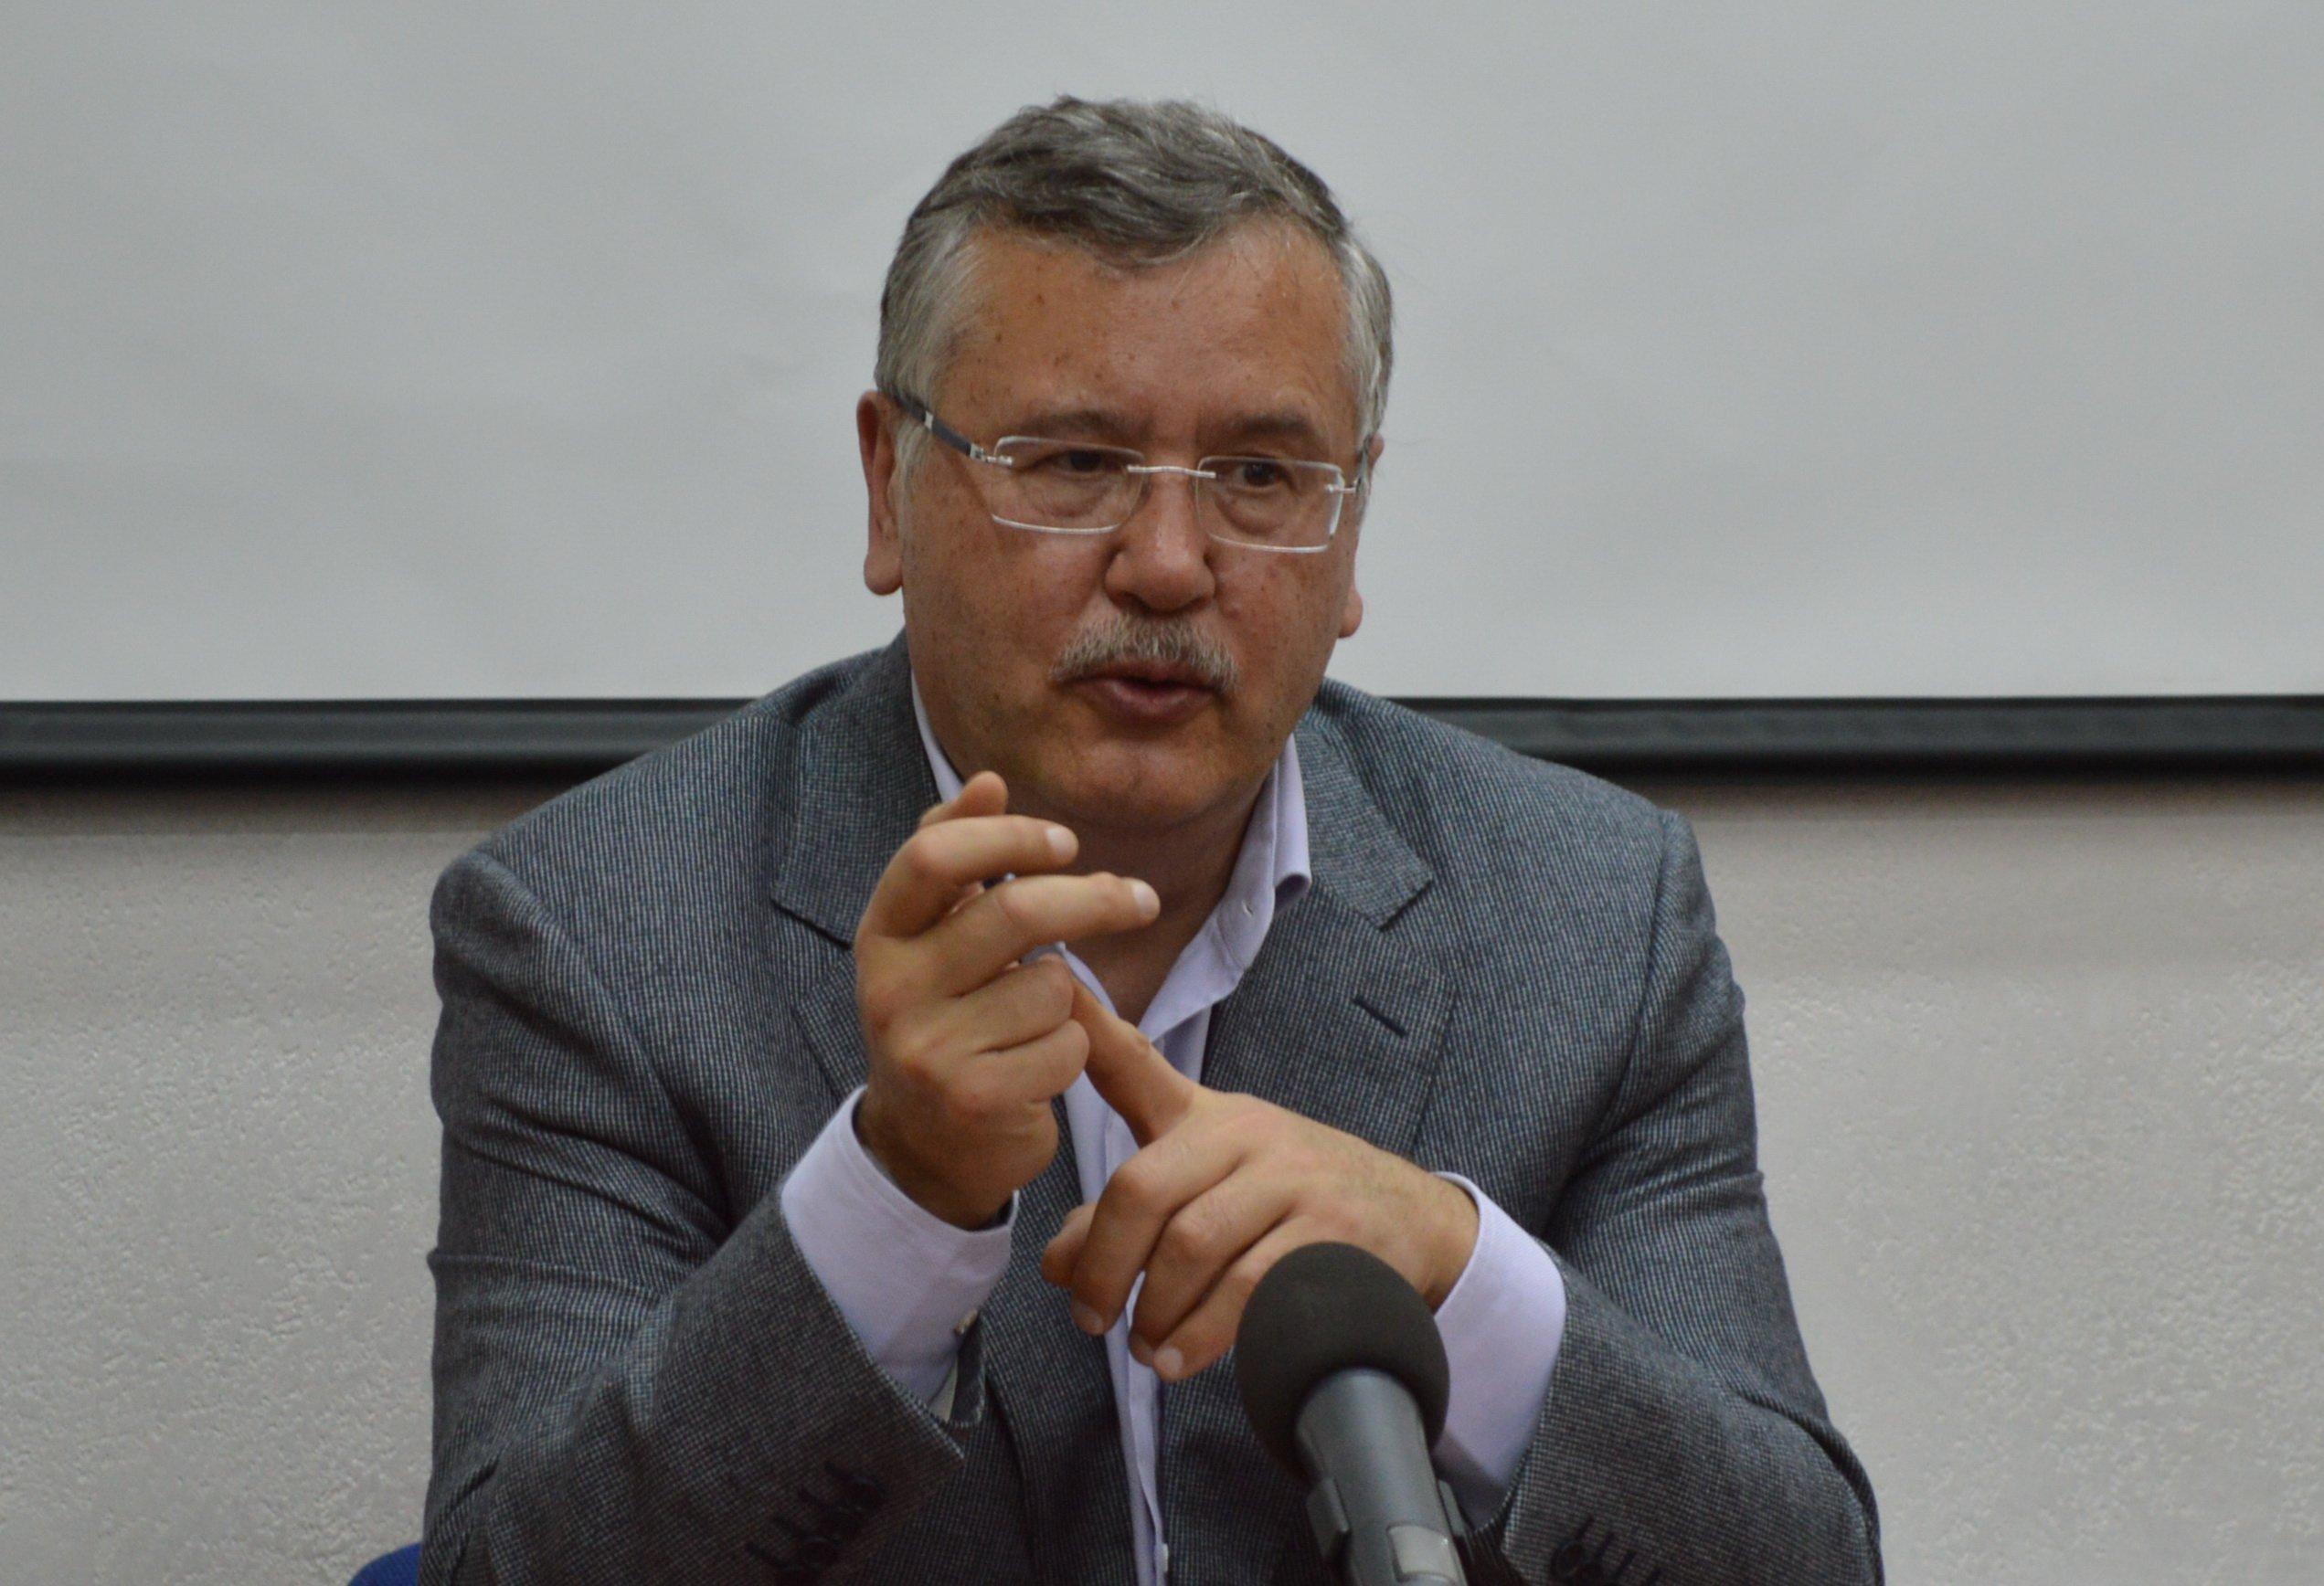 Анатолий Гриценко заявляет, что власть выделила 2 млрд гривен на скупку голосов избирателей за Петра Порошенко